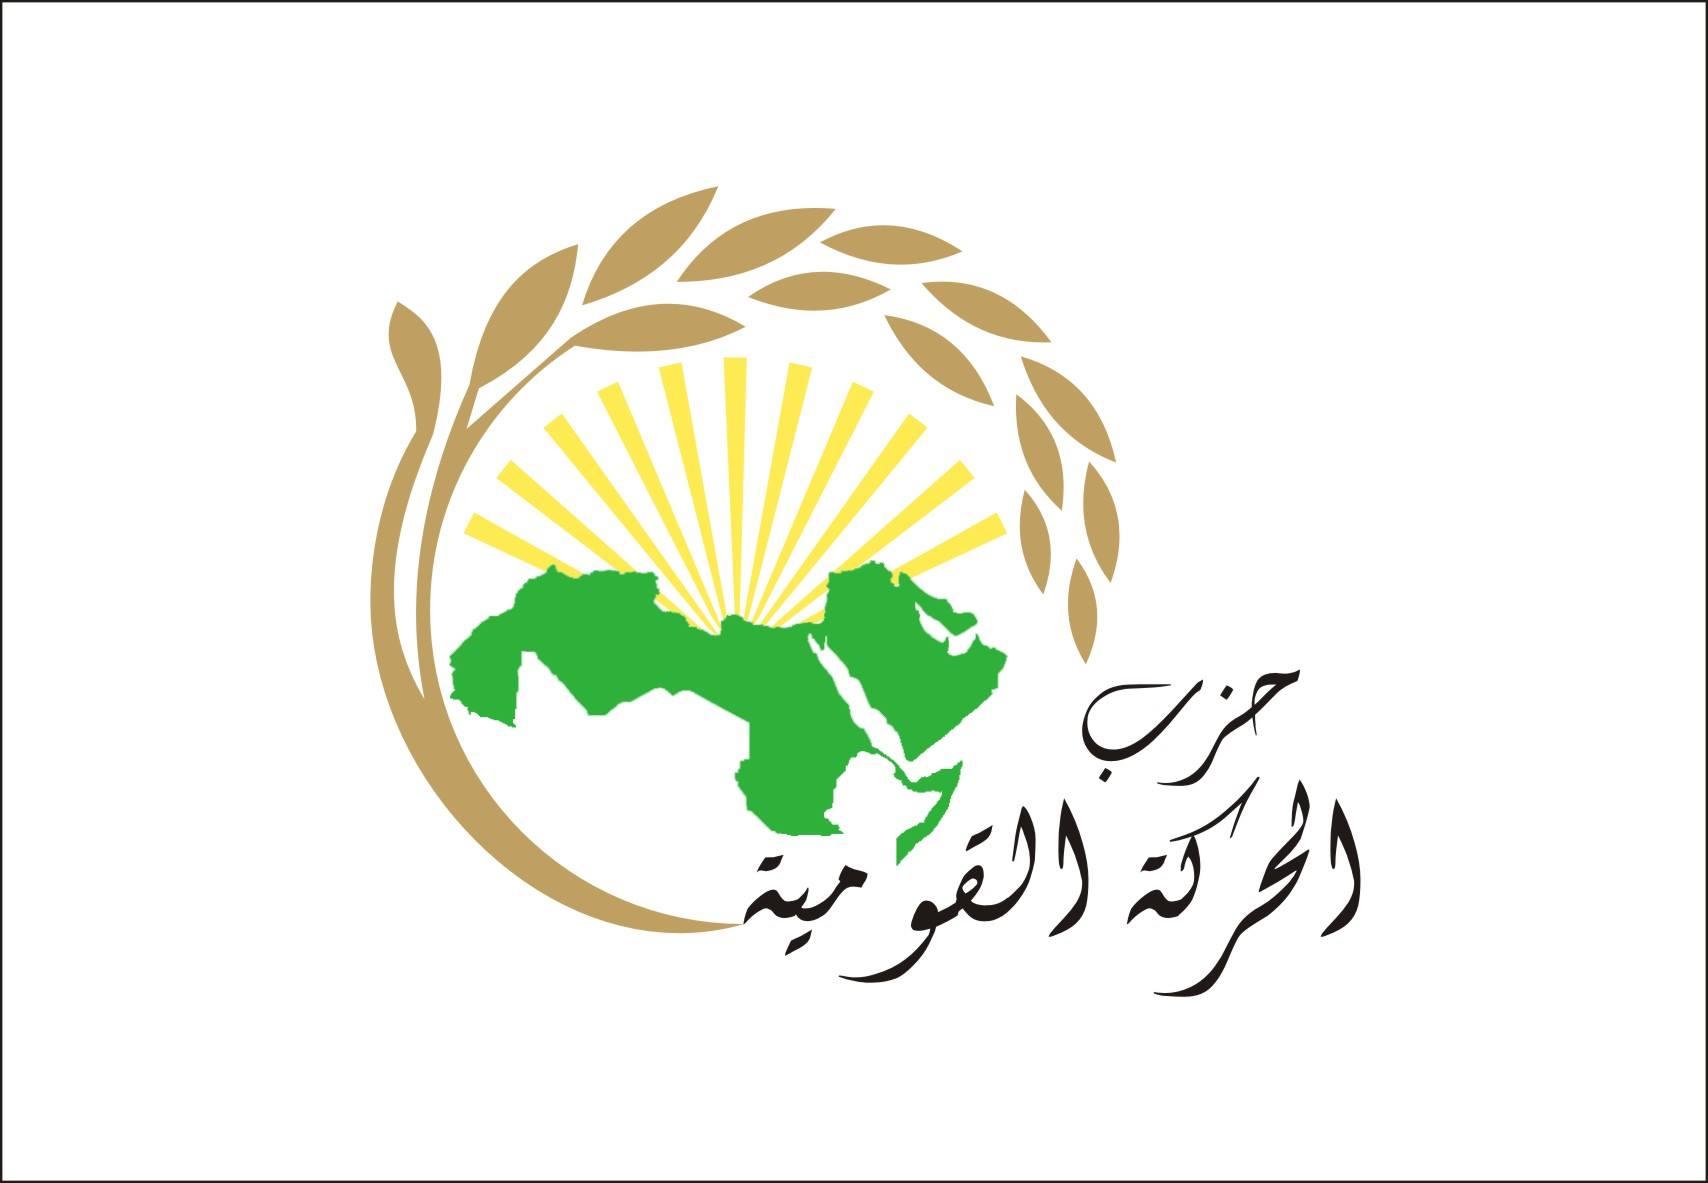 بيان ختامي صادر عن أعمال  حزب الحركة القومية